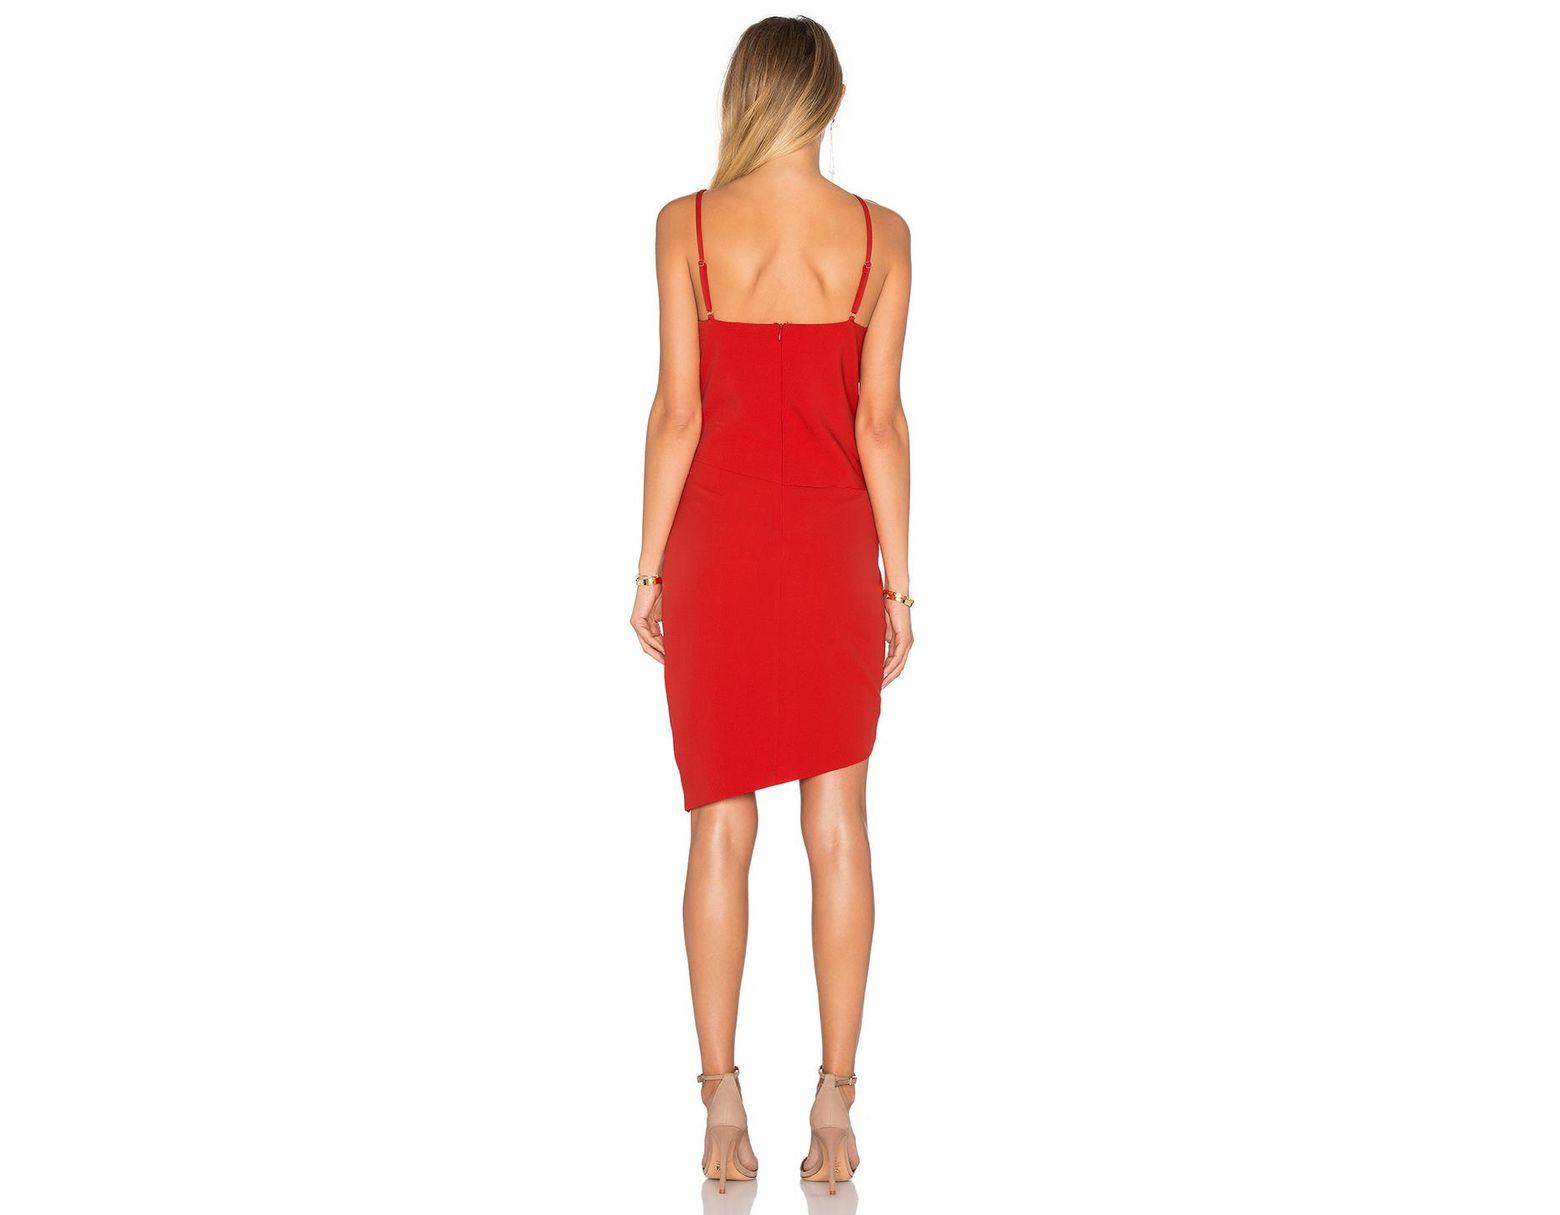 e0b14f1393 Lyst - Elliatt X Revolve The Shot Tulip Dress in Red